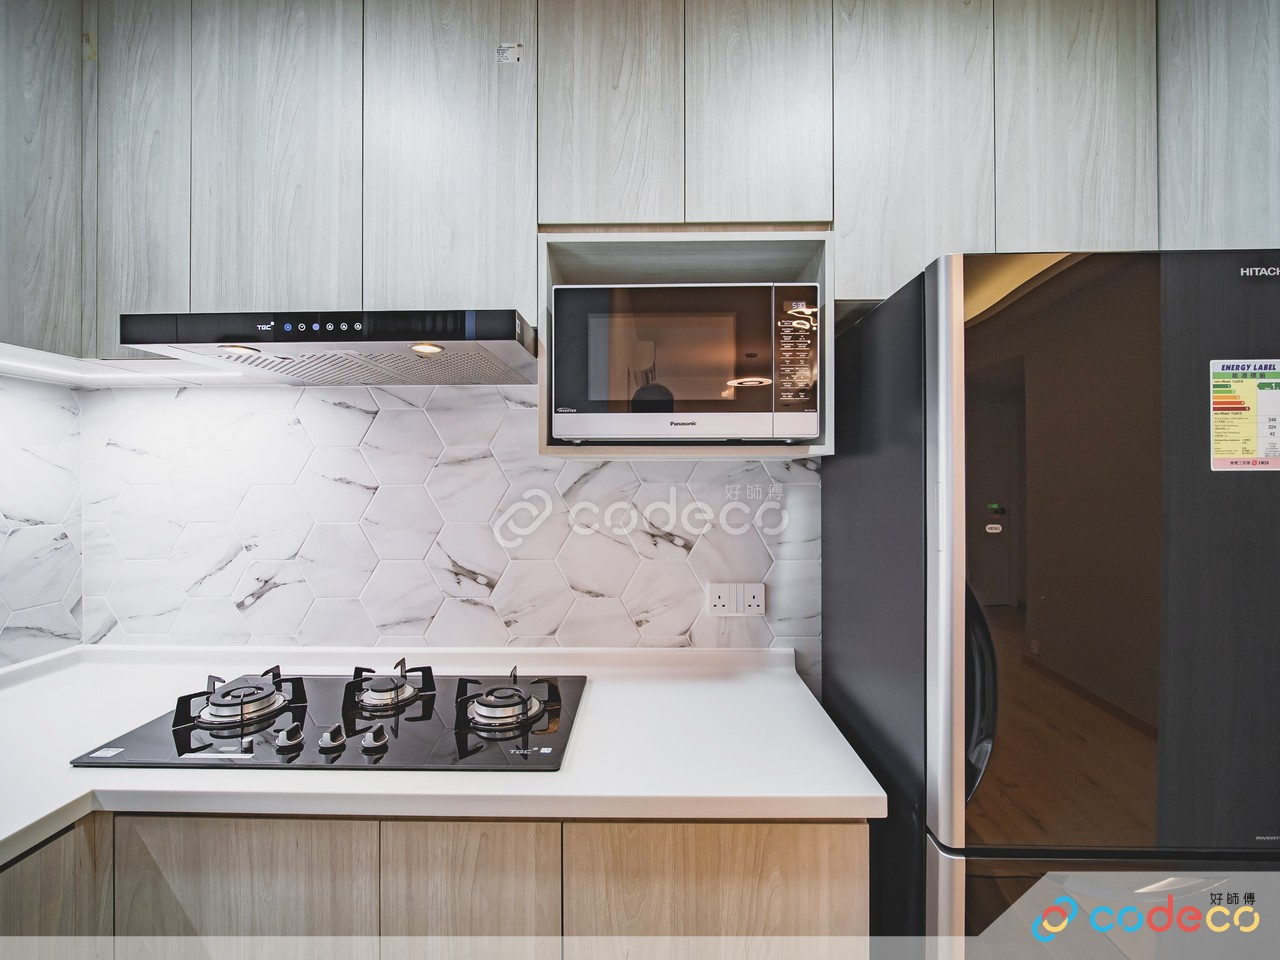 帝堡城廚房六角形磚案例